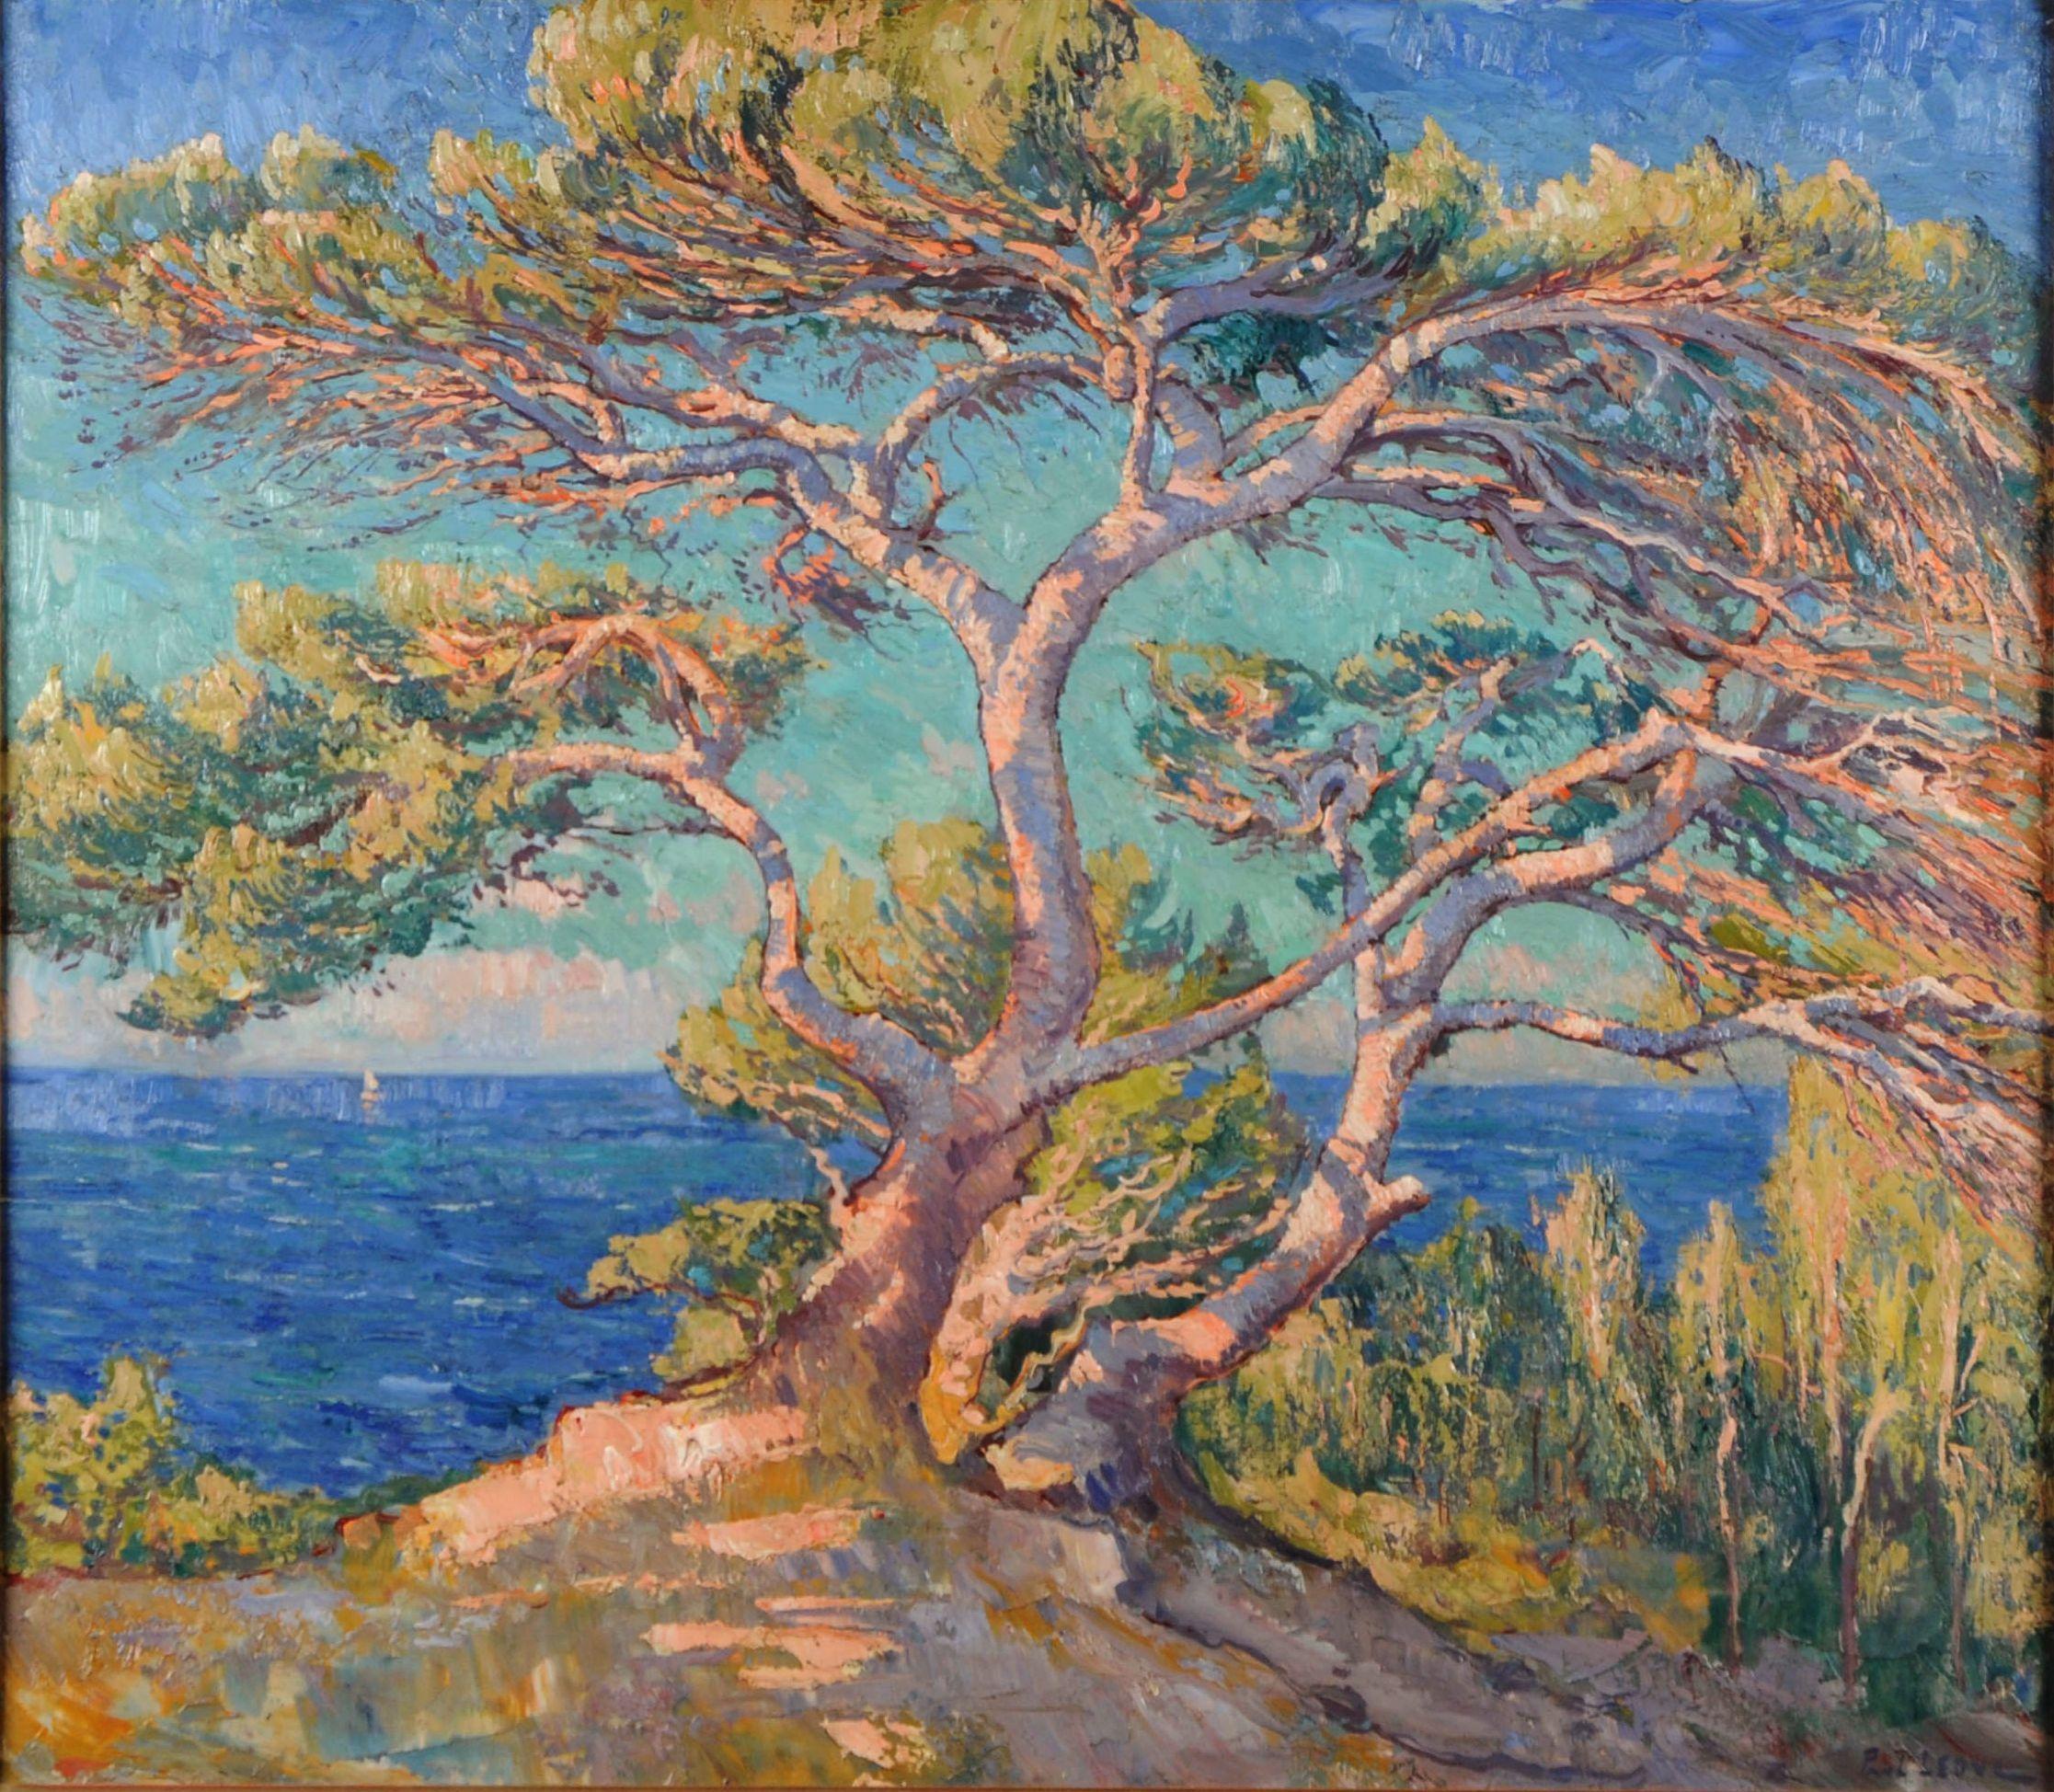 Mediterrane Gemälde paul leduc 1876 1943 le pin parasol vue de la méditerranée